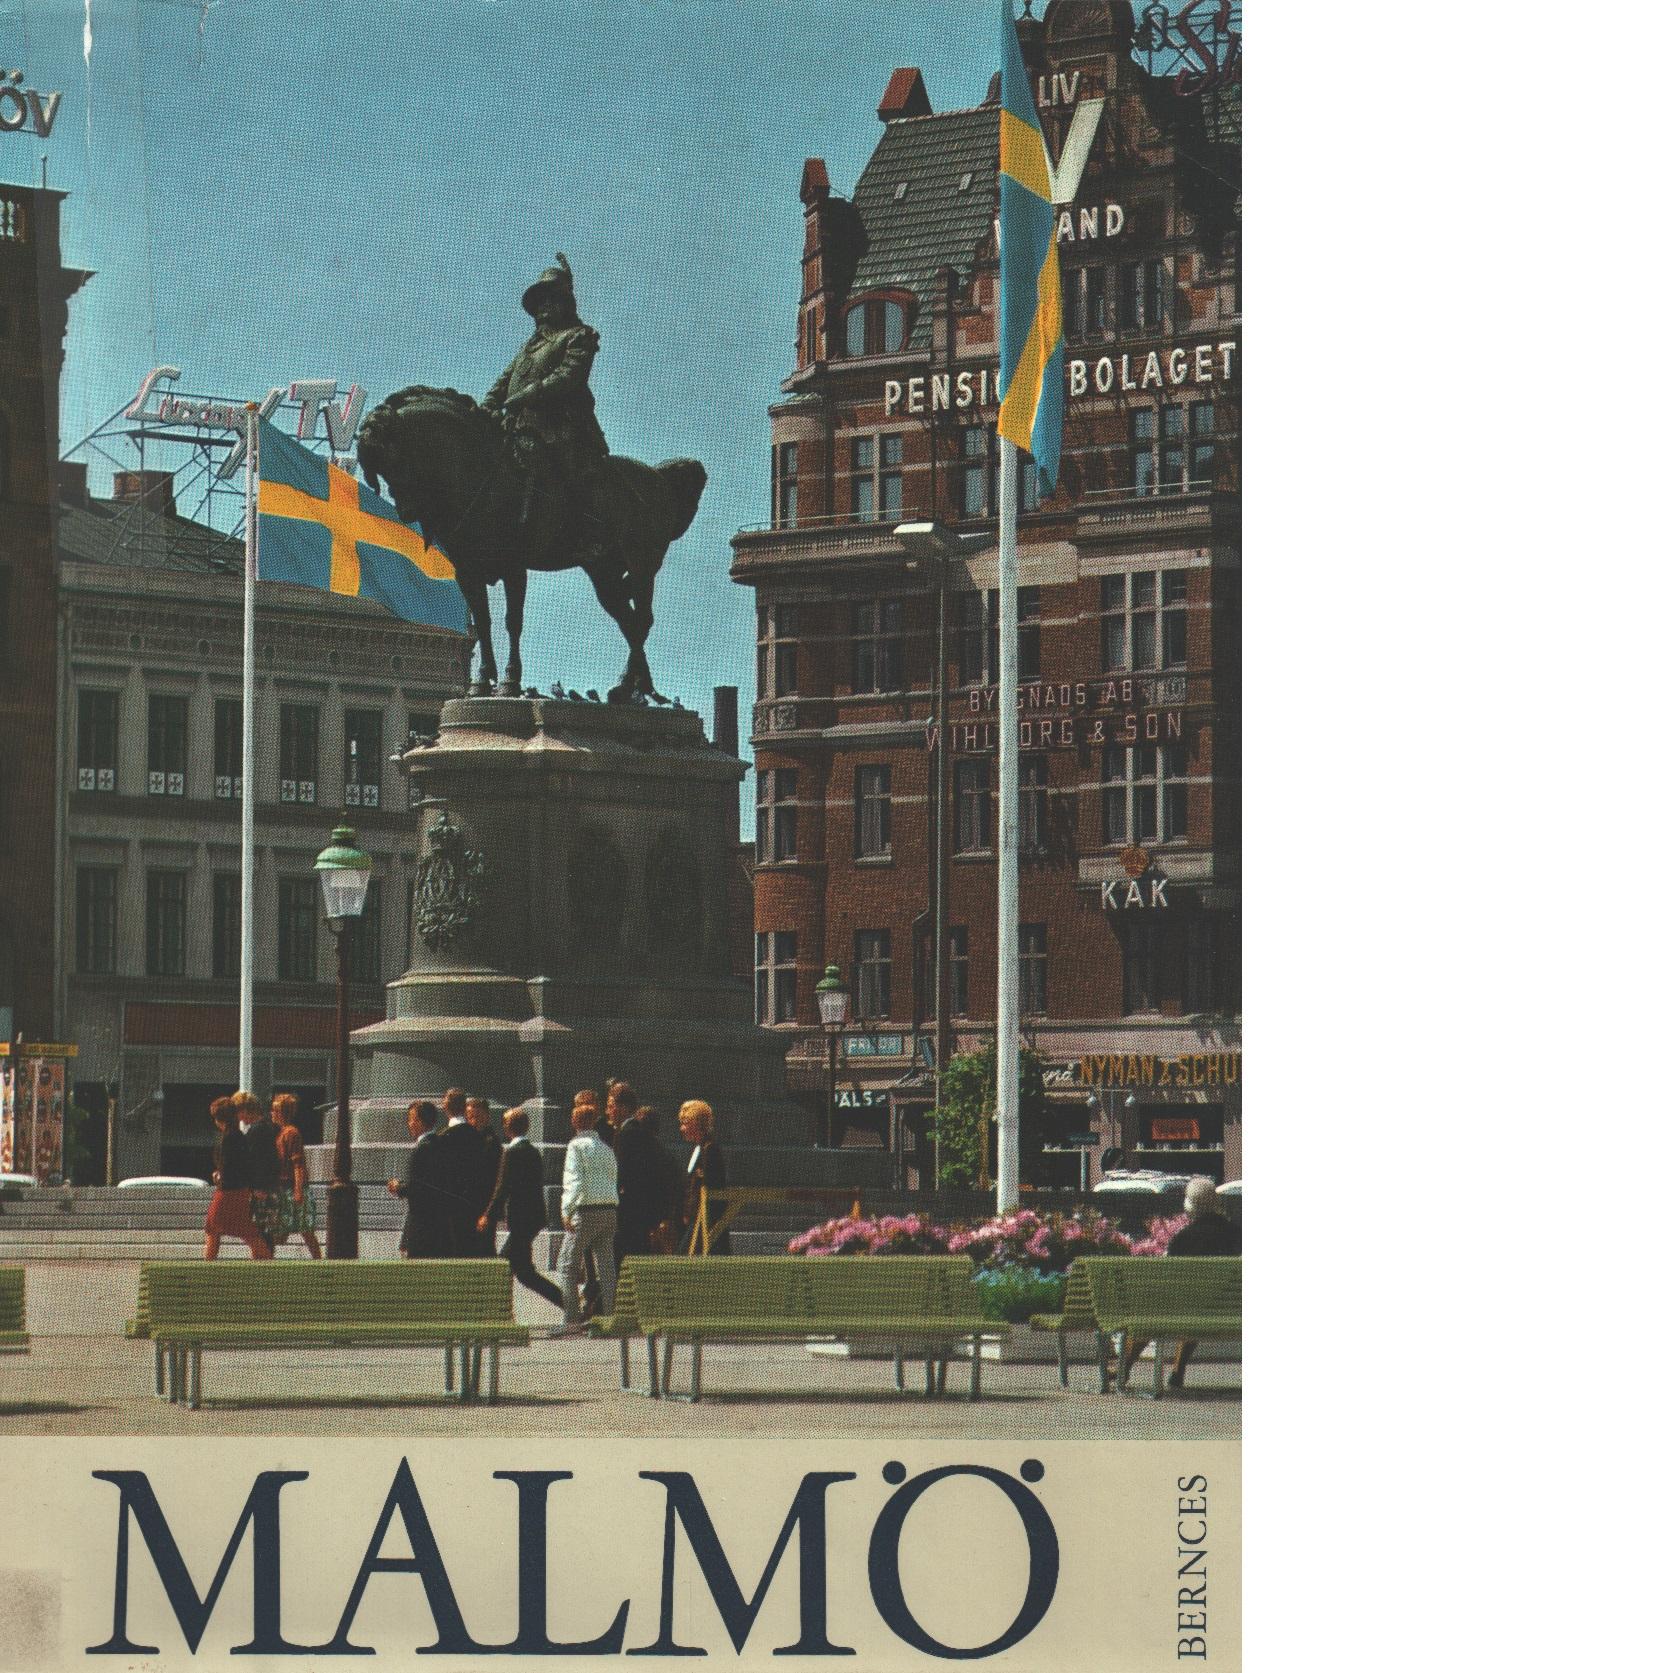 Malmö - Jönsson, Gabriel och Lindbom, Lars samt Jakobsen, Nicolai